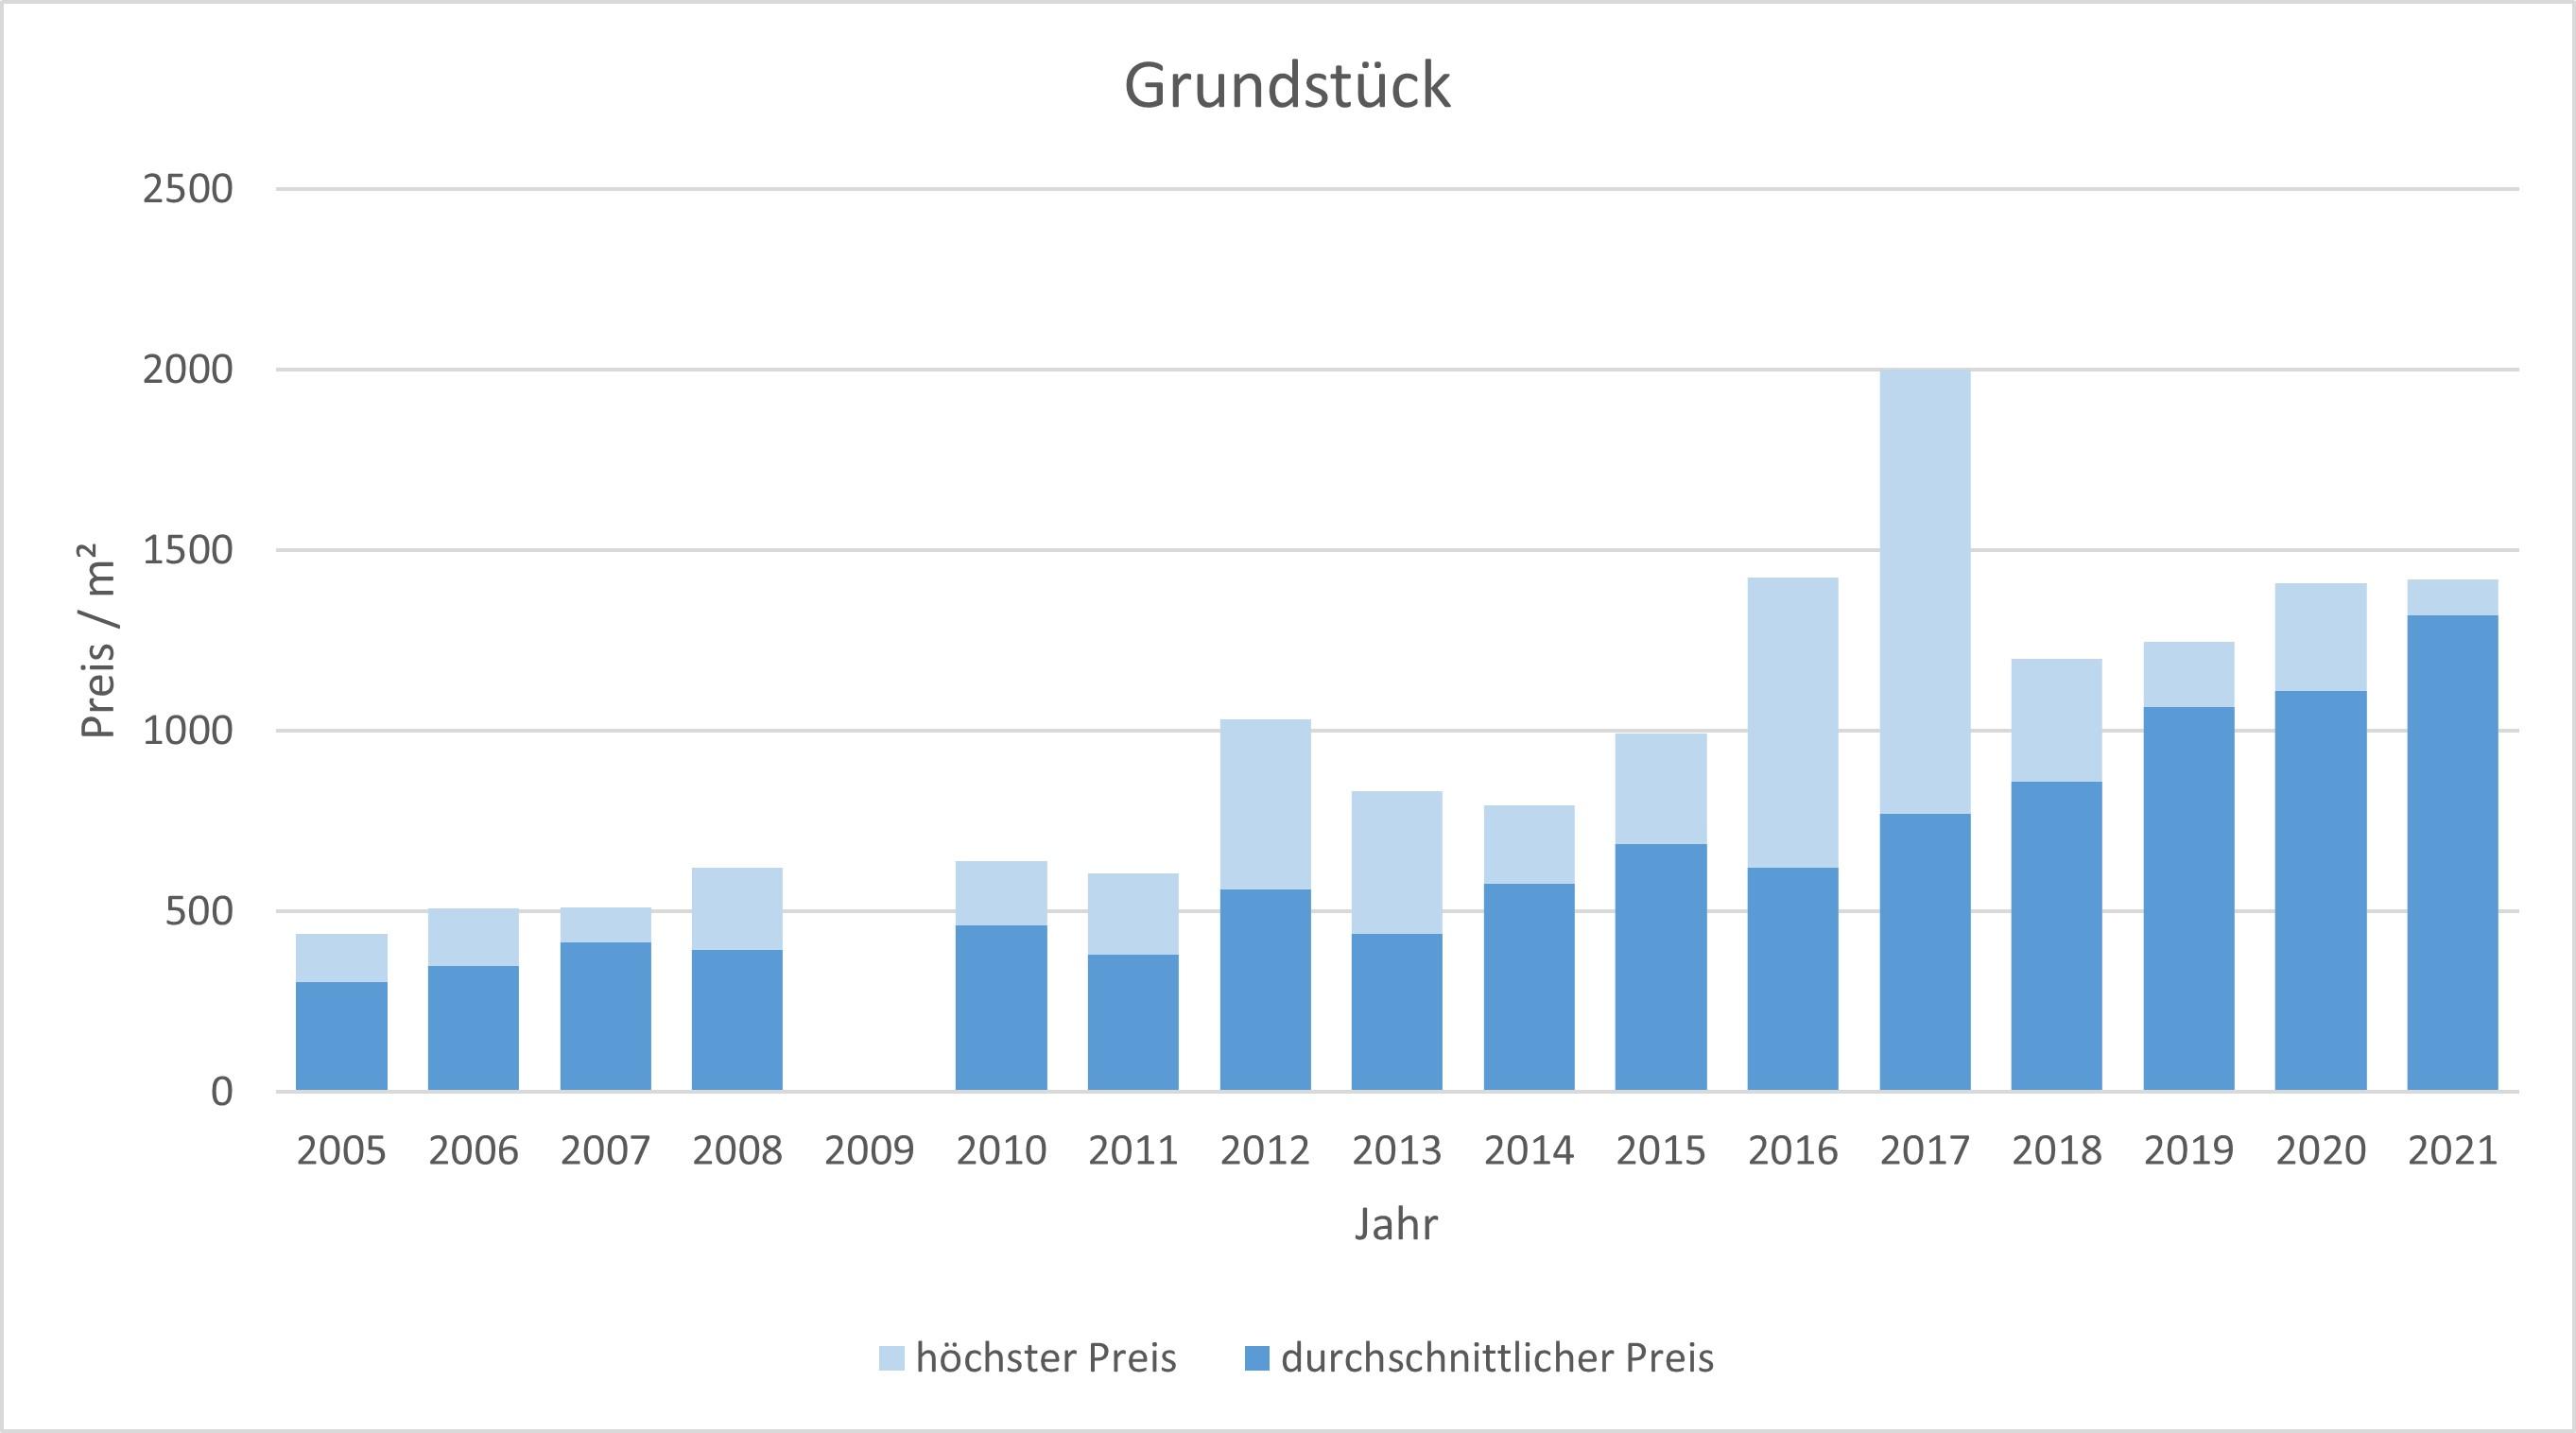 Bad Tölz Makler Grundstück Kaufen Verkaufen Preis Bewertung 2019, 2020, 2021